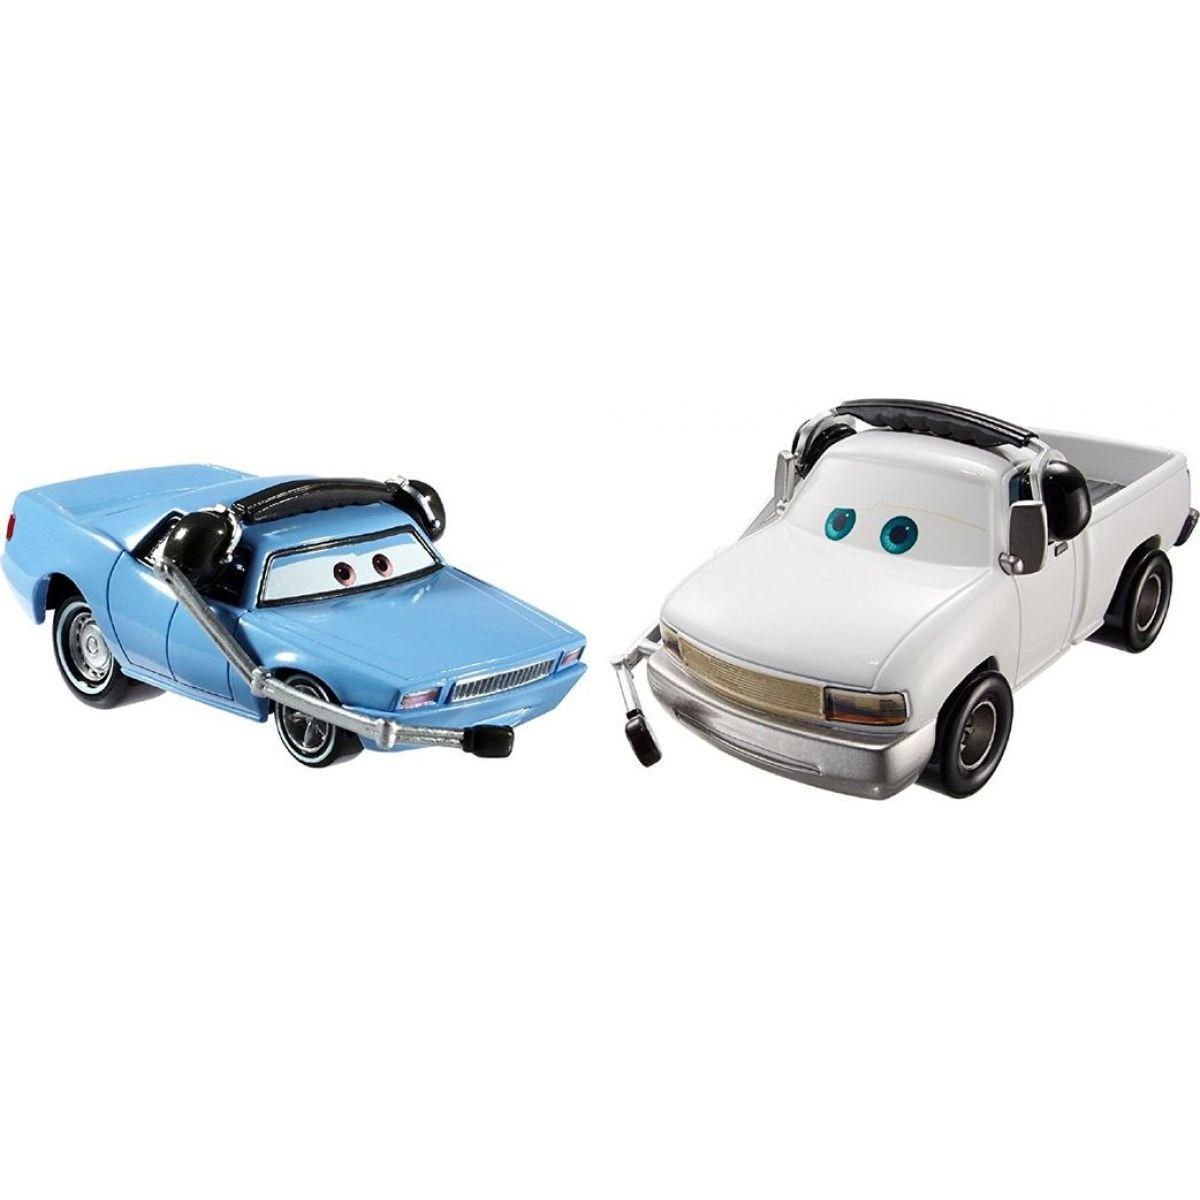 Mattel Cars 2 Autíčka 2ks - Artie a Brian